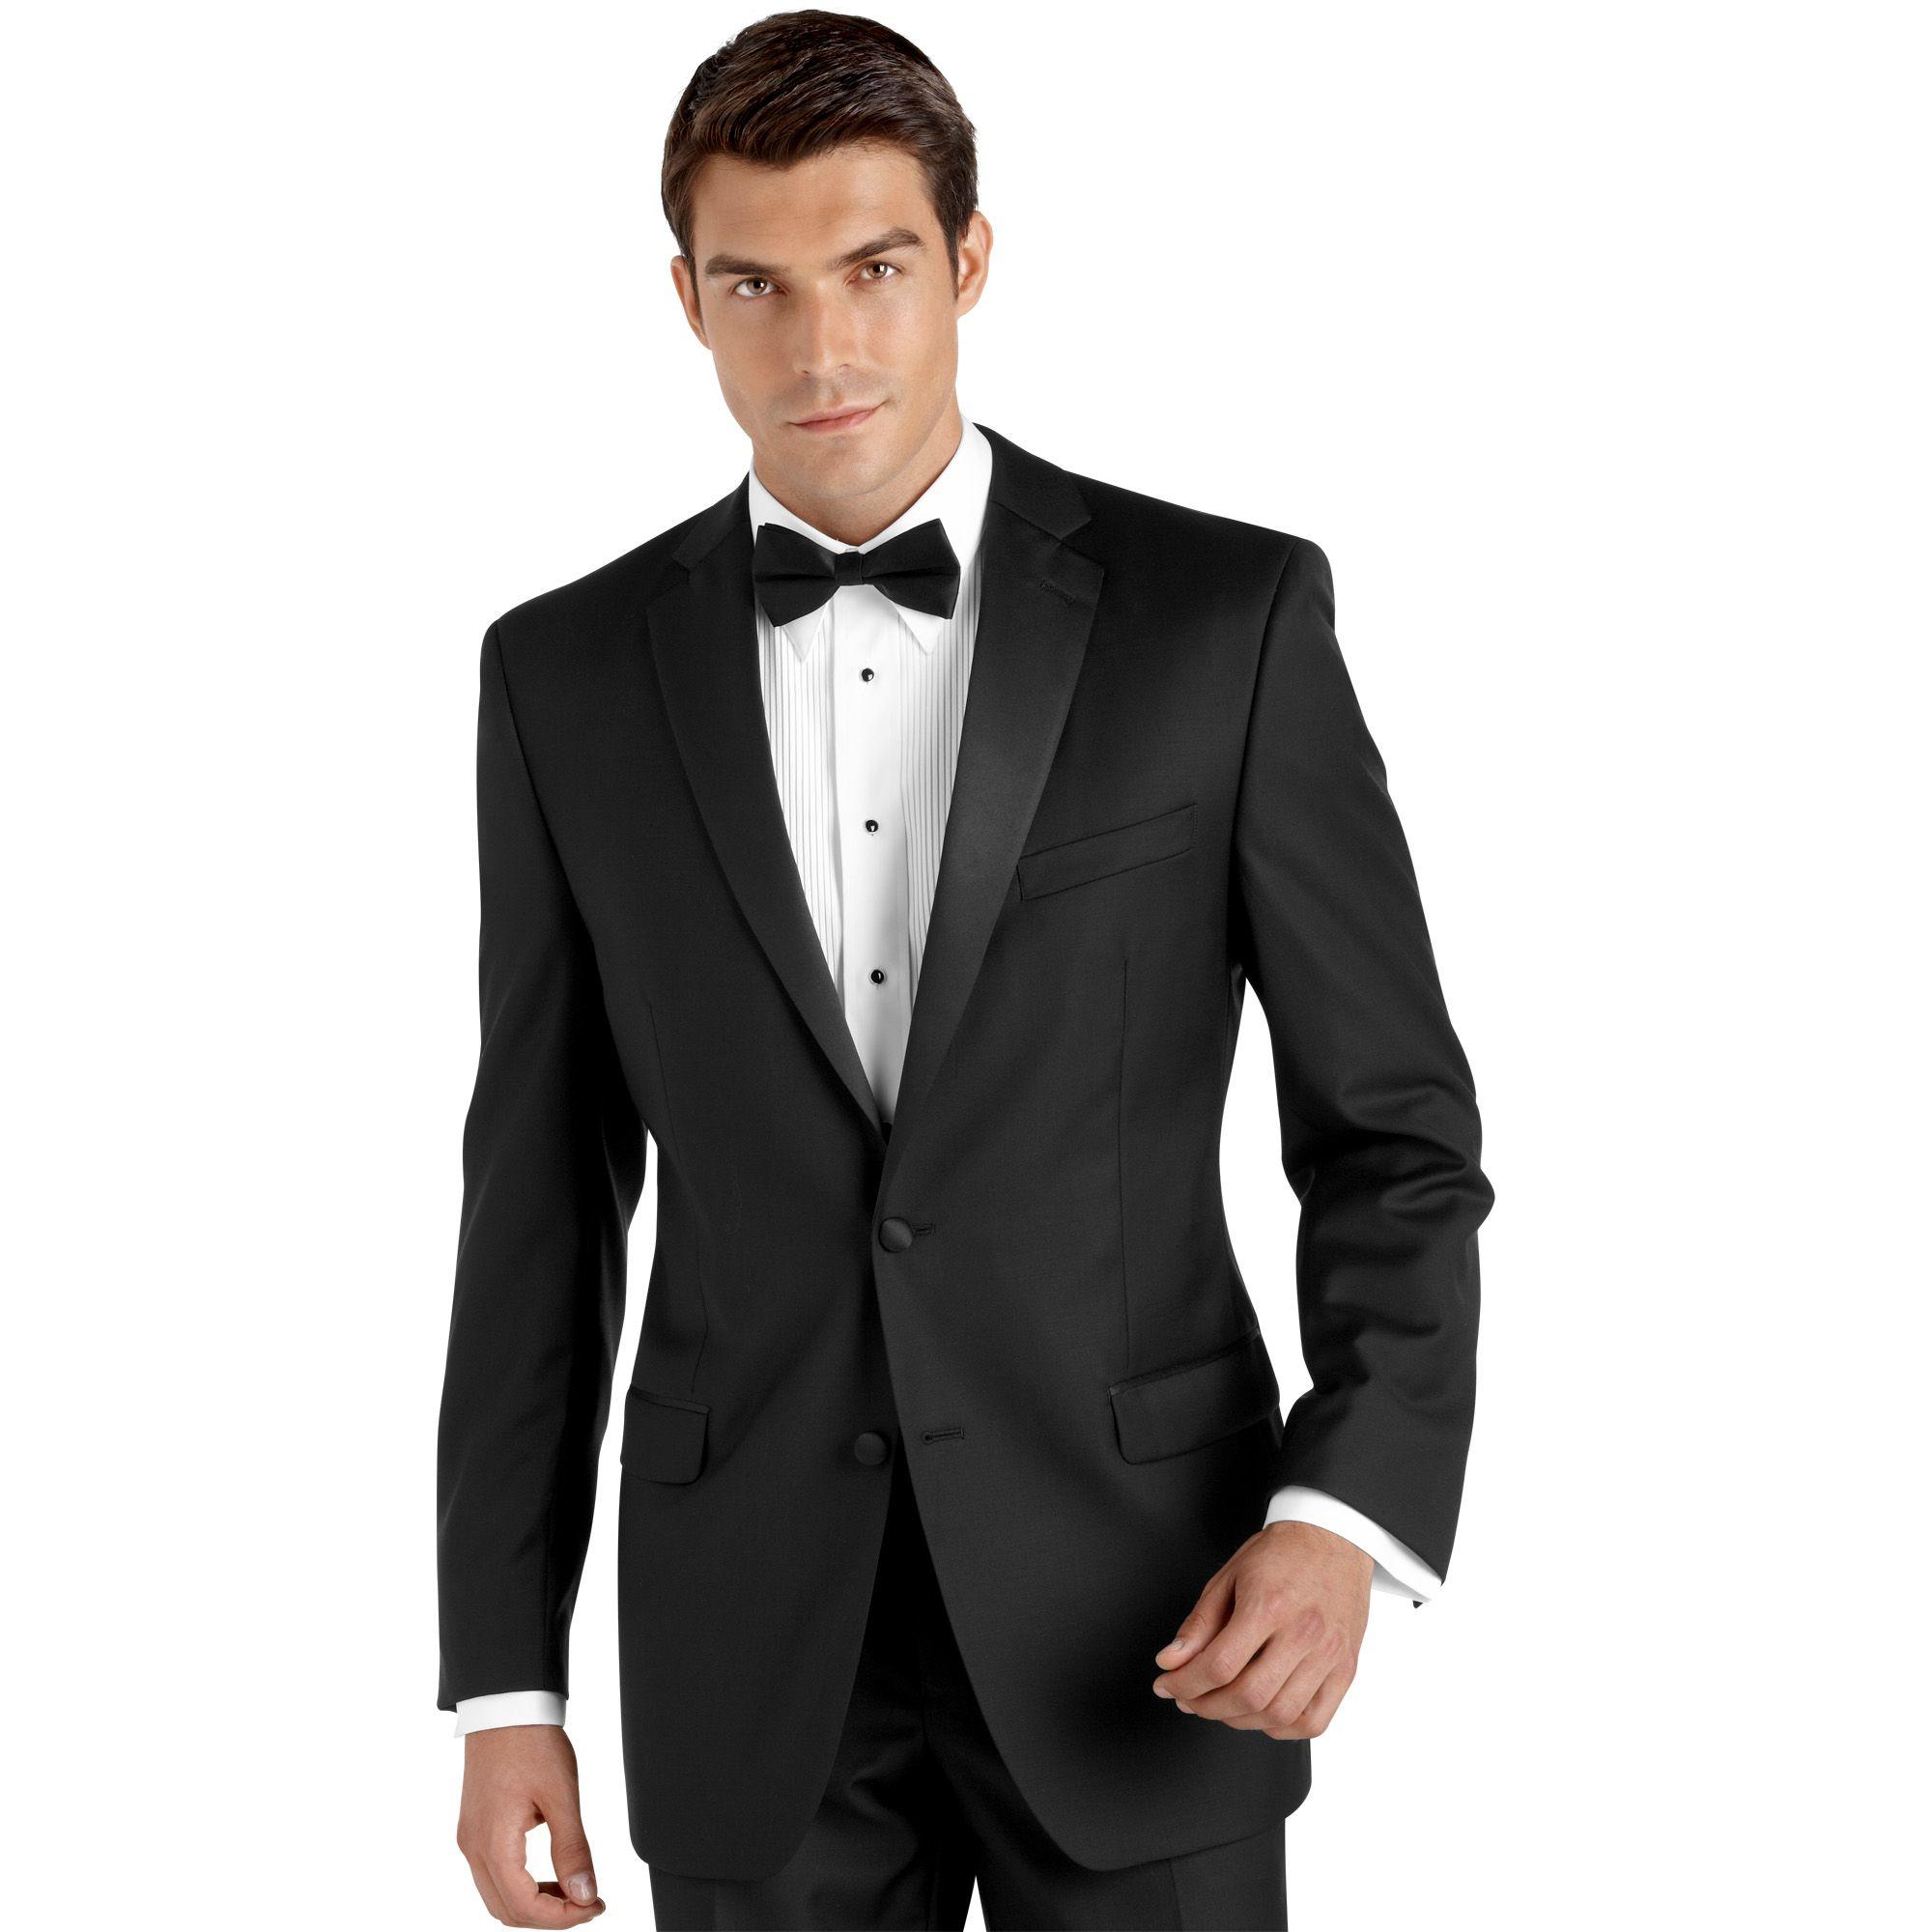 groom's tuxedo mens wearhouse Mens wearhouse tuxedo